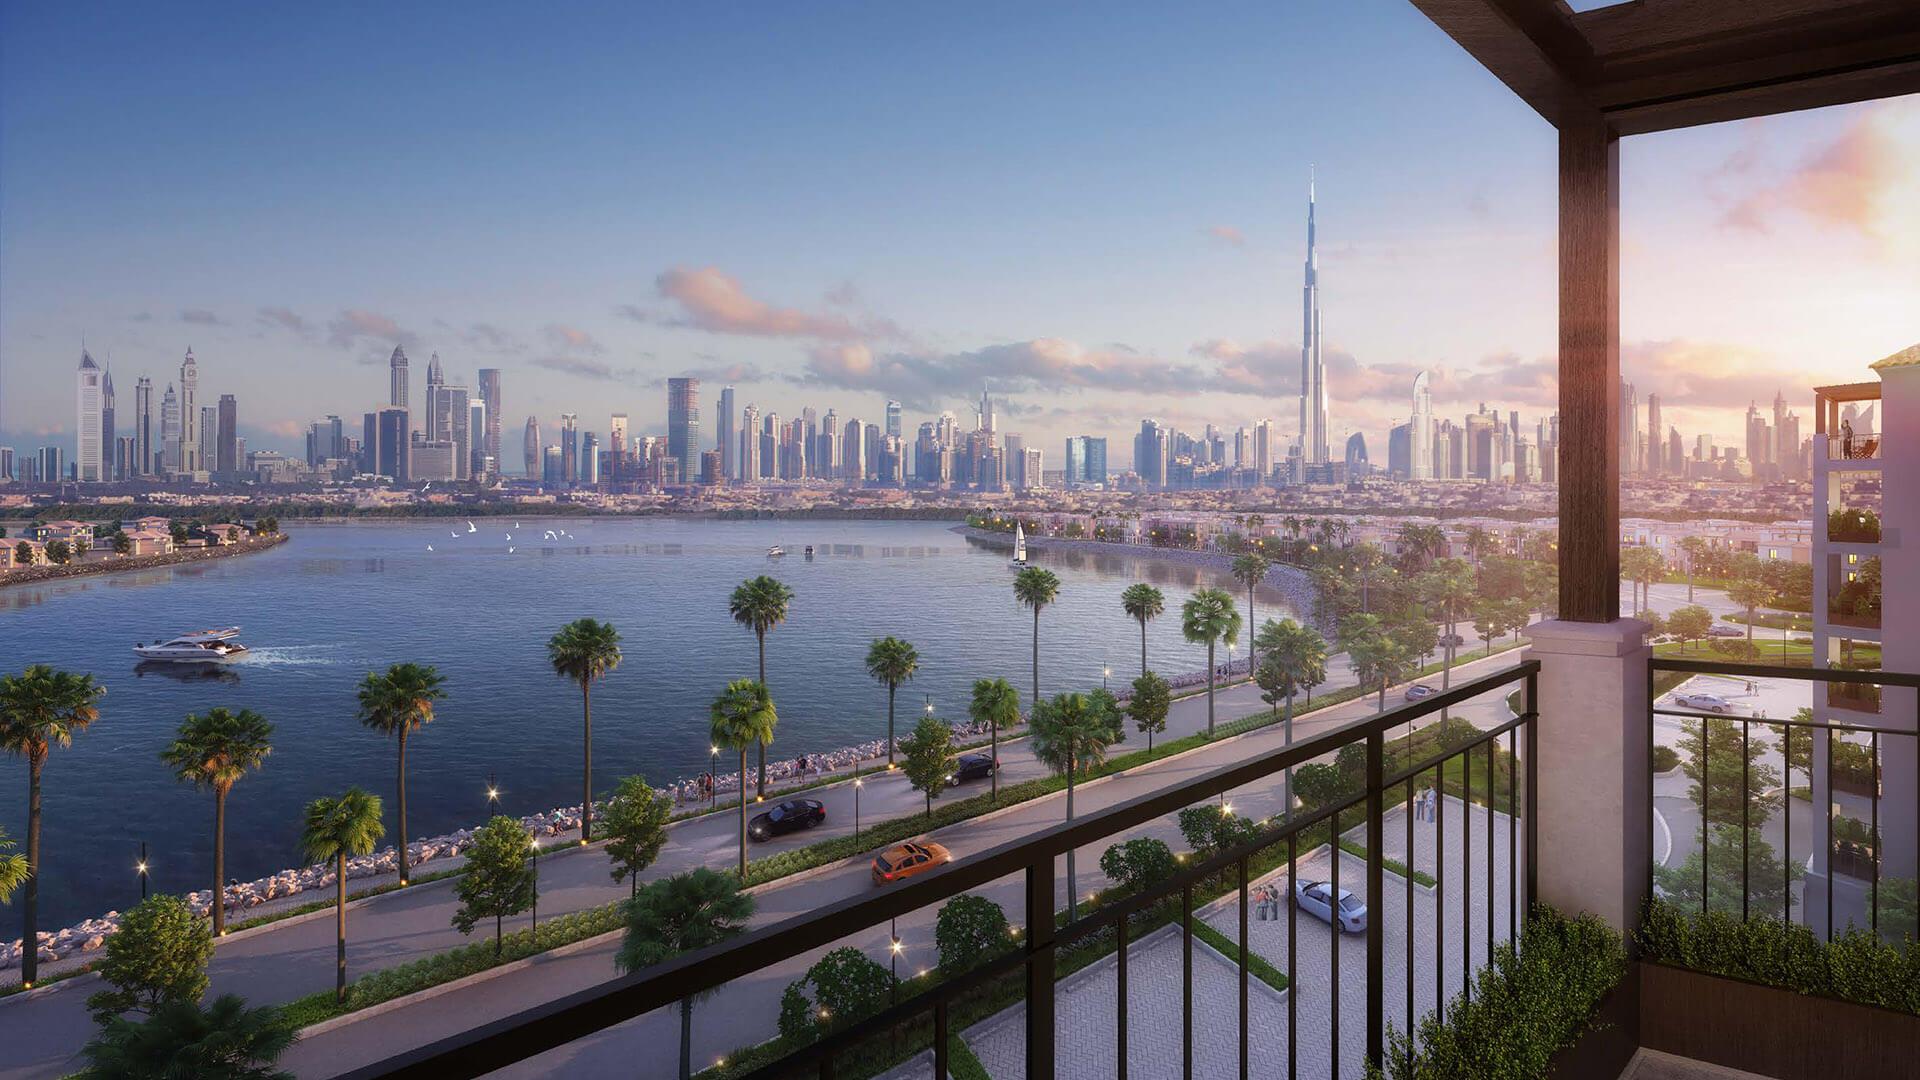 LA VOILE, Port de la mer, Dubai, UAE – photo 5